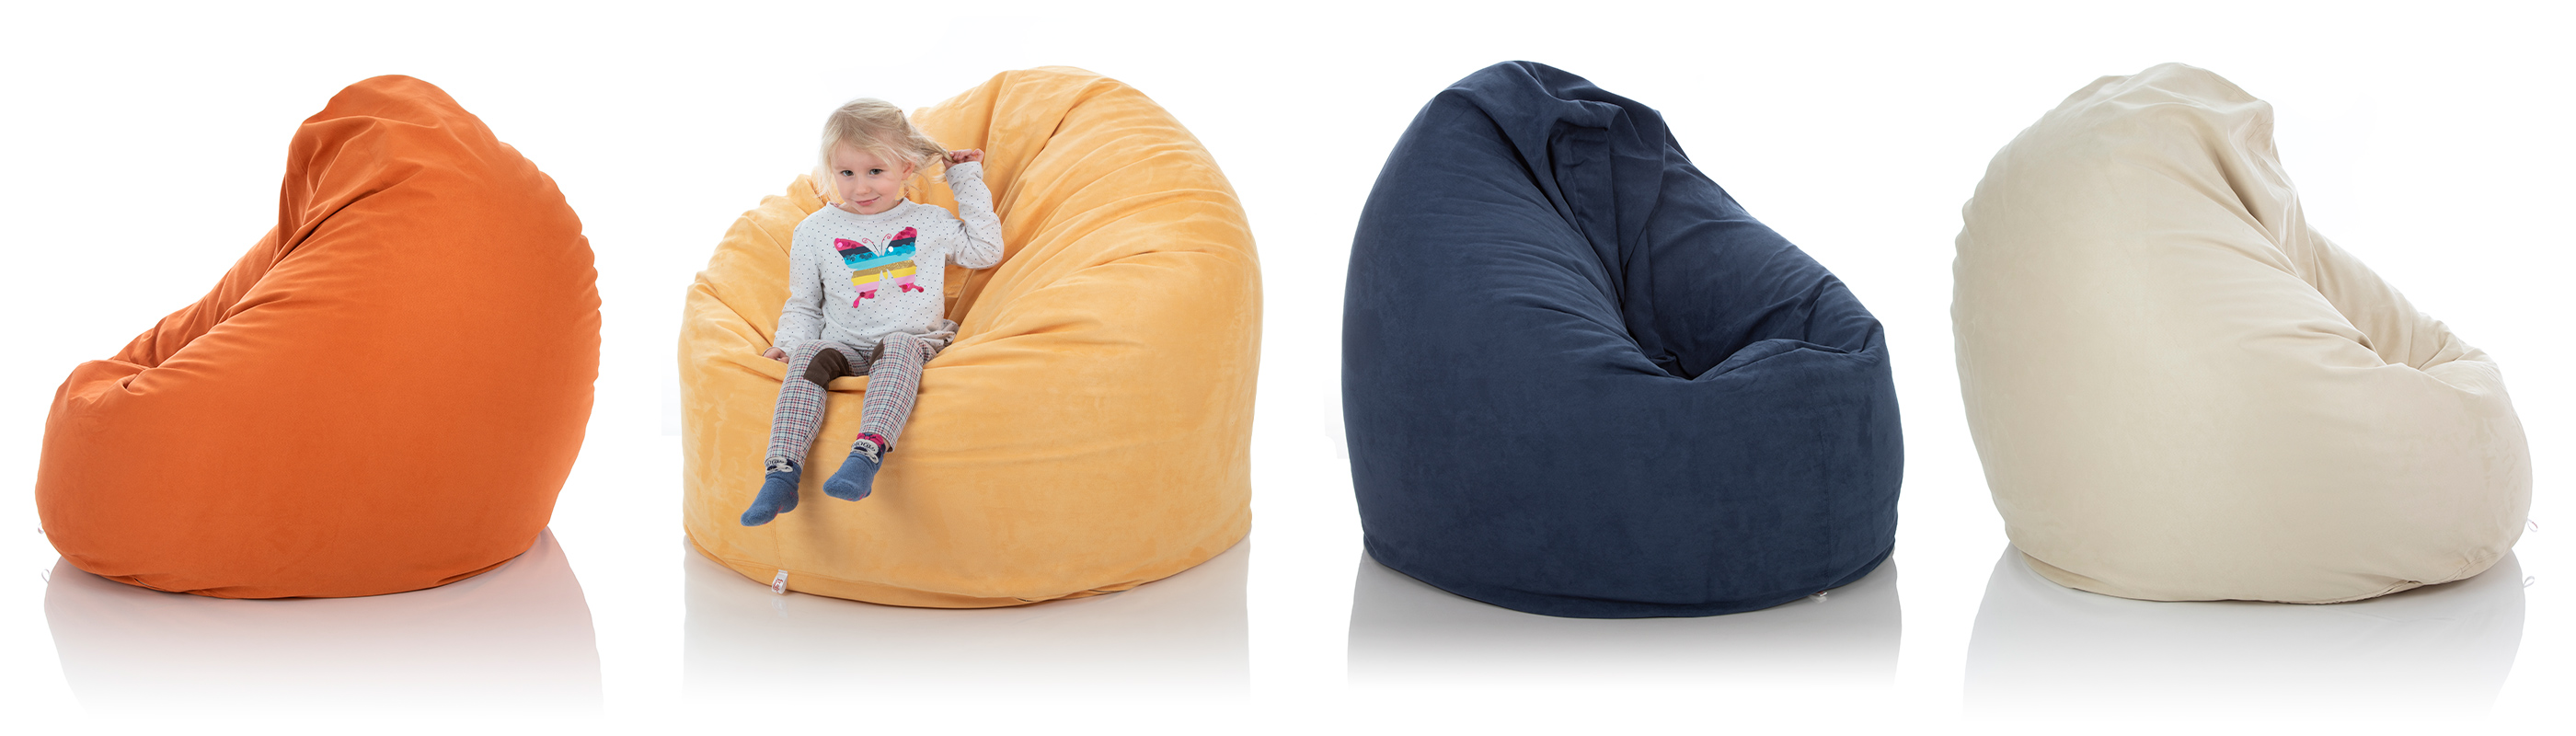 XL Lounge-Sitzsack-Sessel von frago mit 1000 Litern Füllung in den Farben orange, sand-gelb, blau und beige im Vergleich